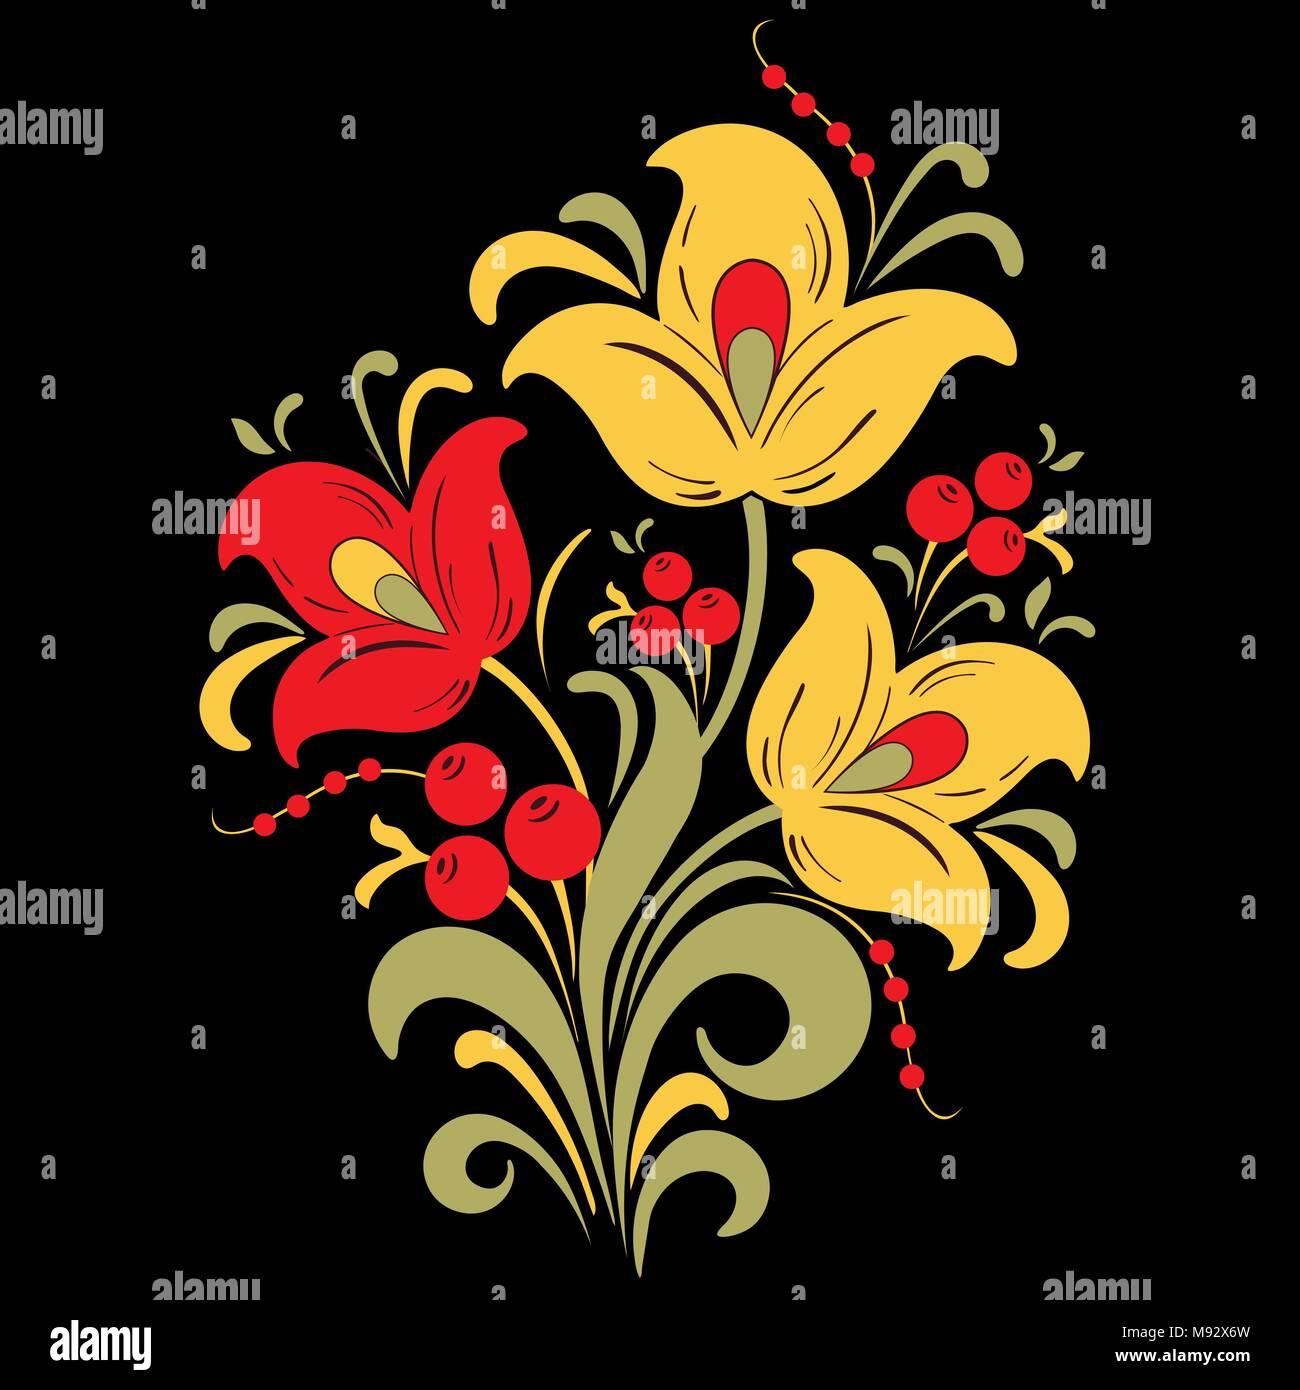 Abstract Fleur Stylisée Illustration Vectorielle Bouquet